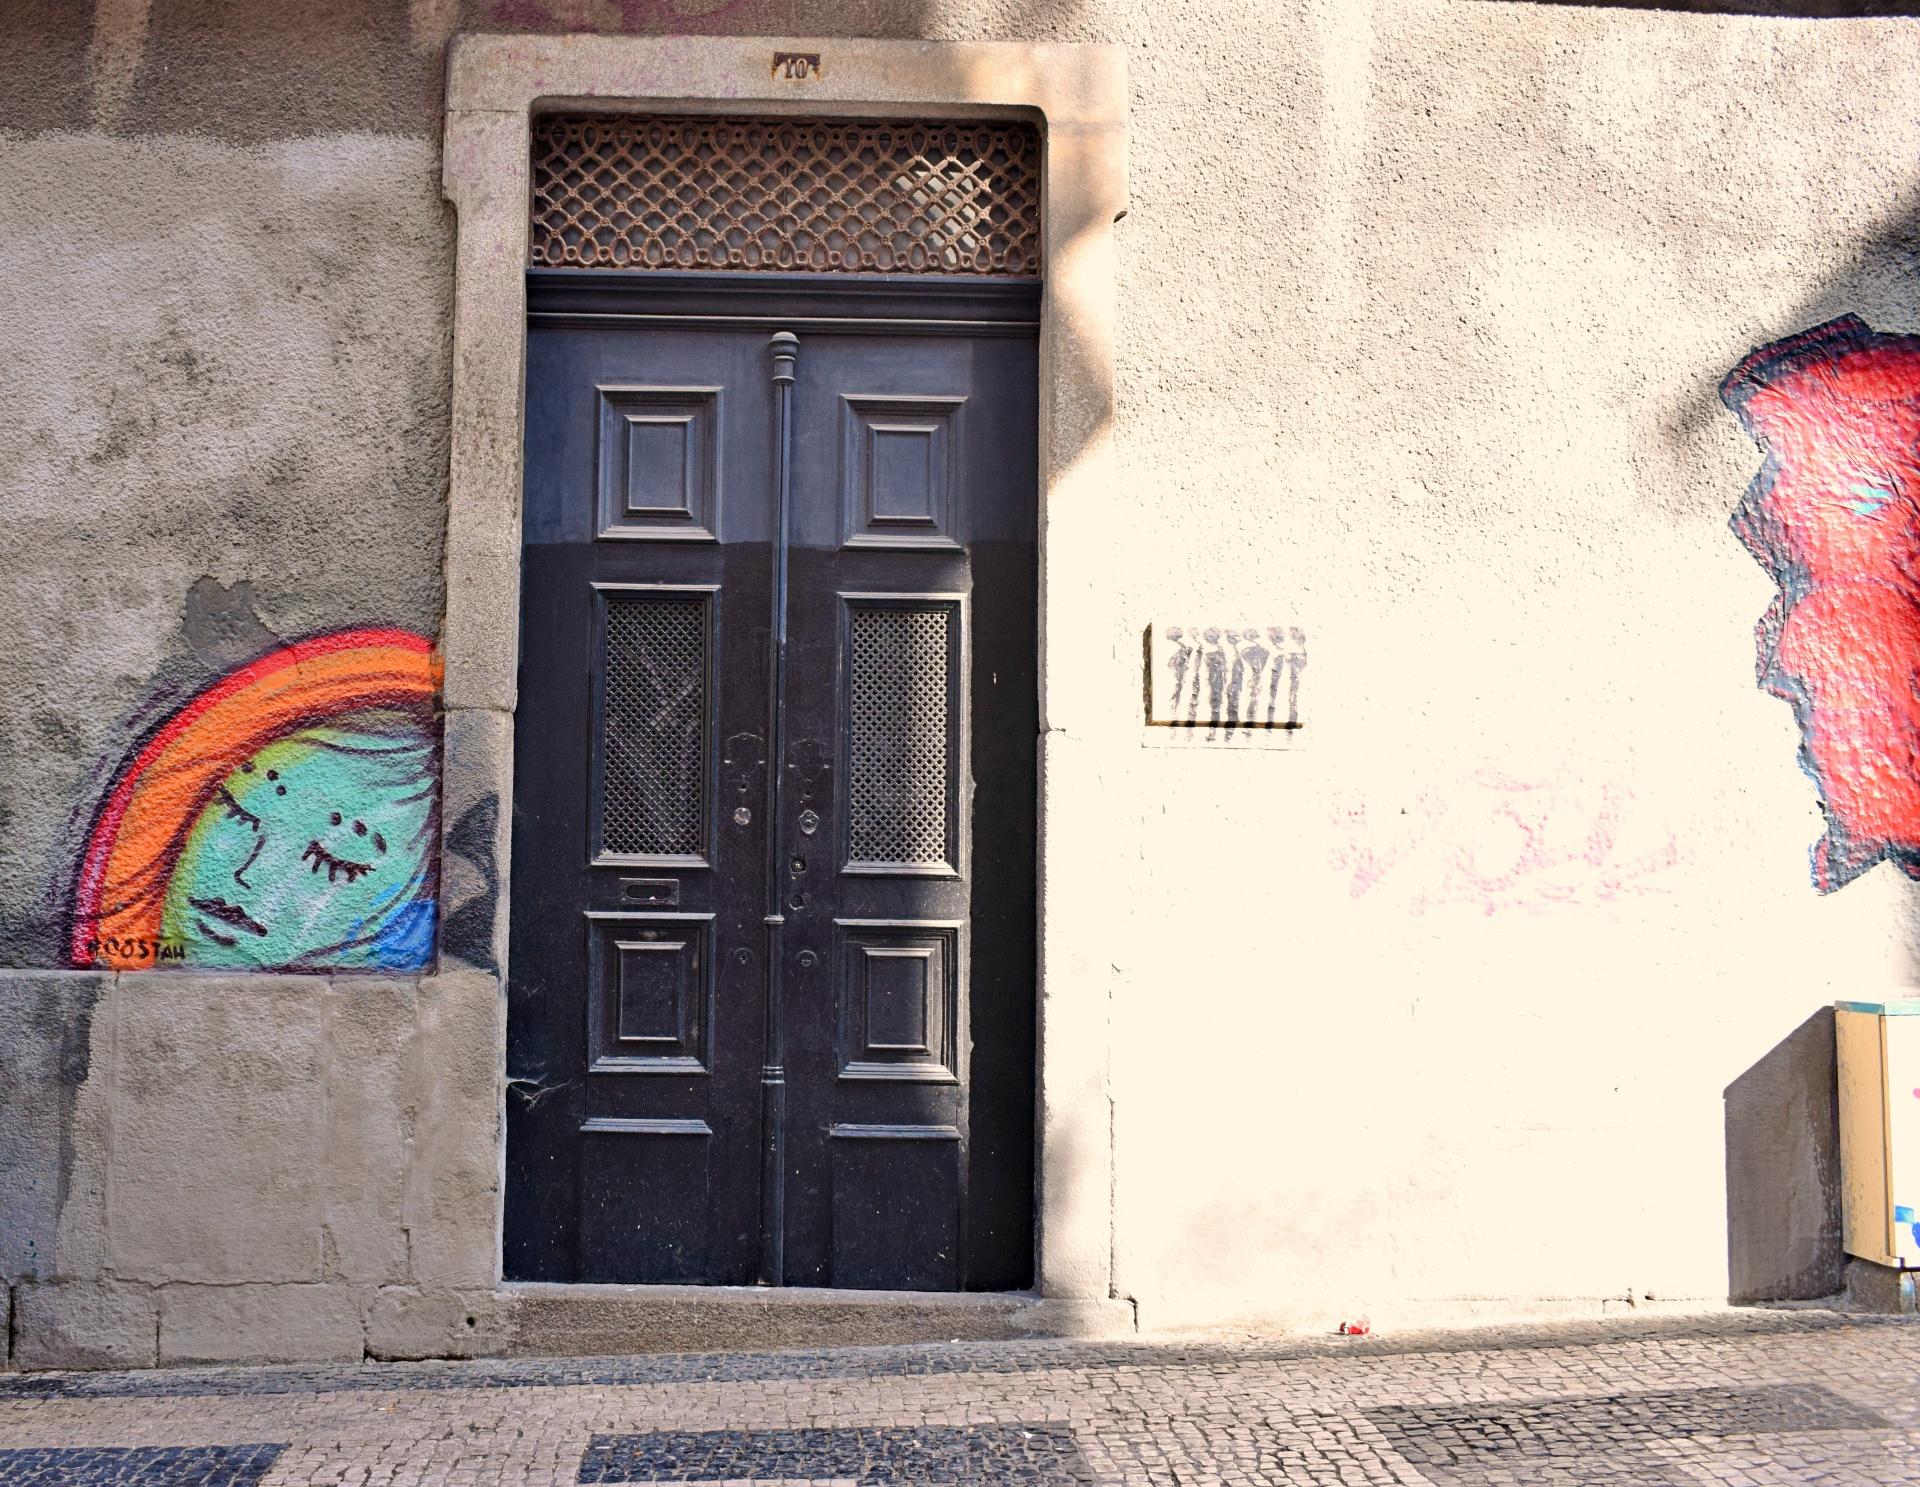 vany visits_streetart_porto_1